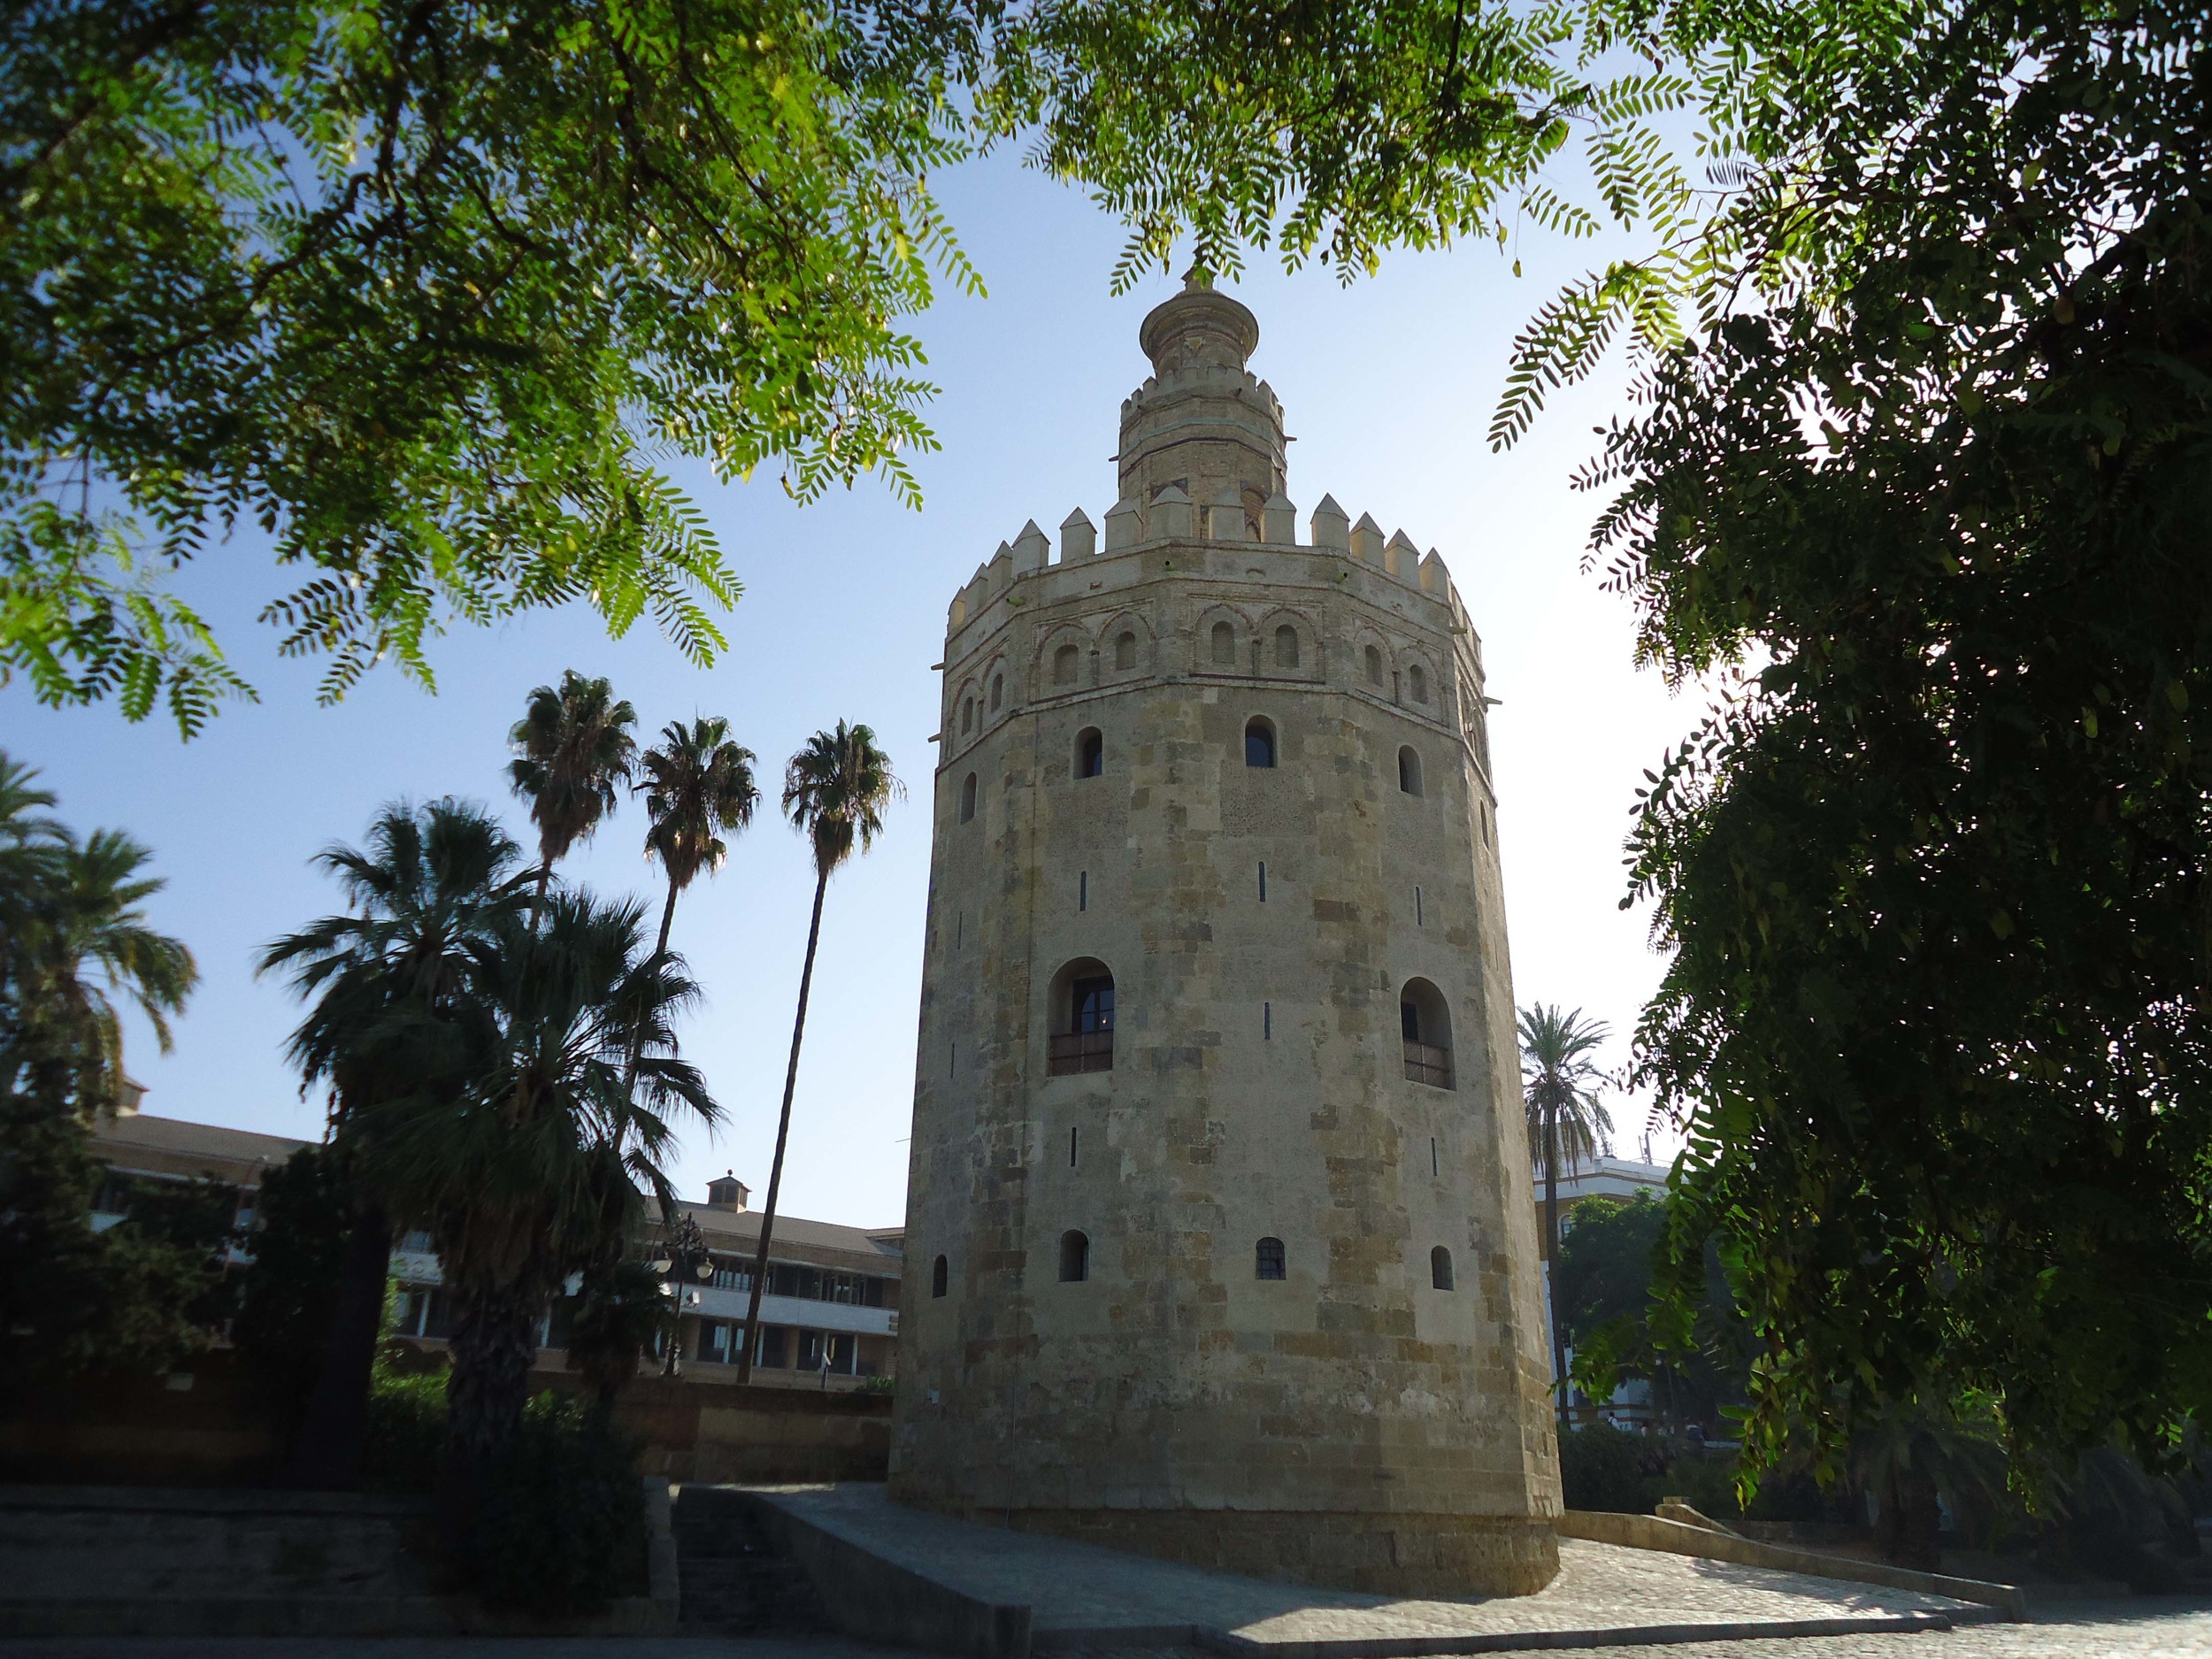 seville tower of gold.jpg